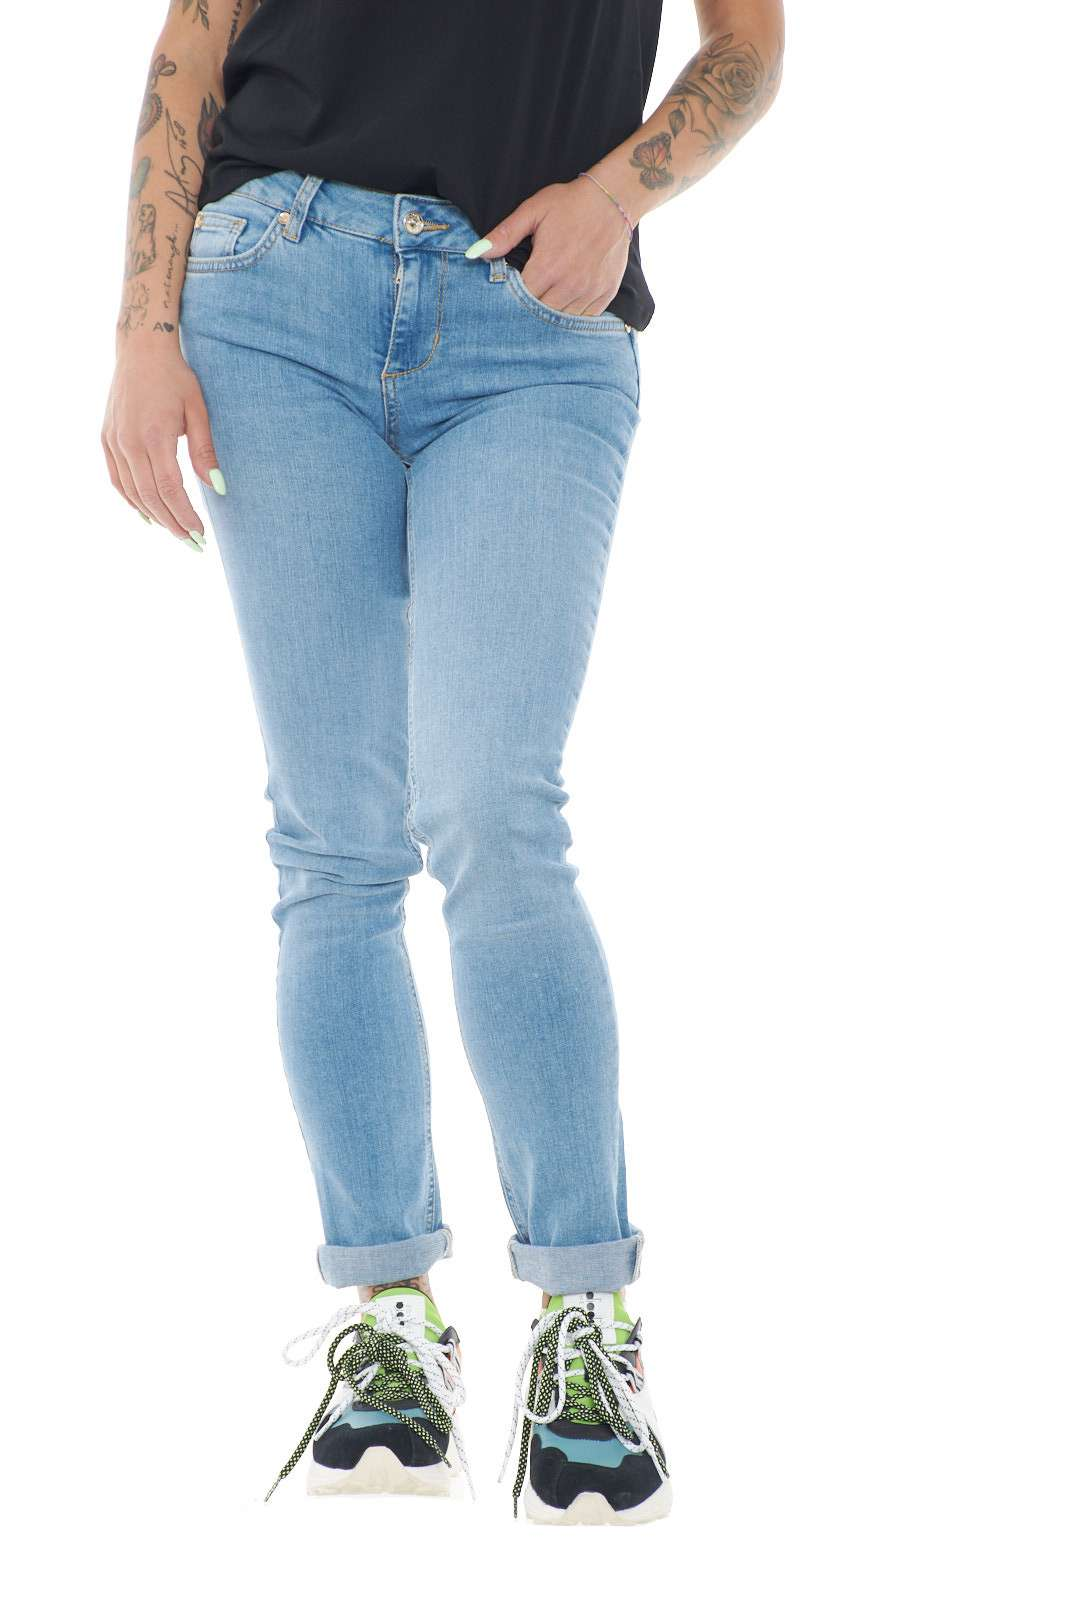 Un jeans regular fir quello firmato dalla collezione Liu Jo. Perfetto nelle giornate lavorative o nel tempo libero, accompagnato da una sneaker o un tacco. Un evergreen per questa calda stagione.